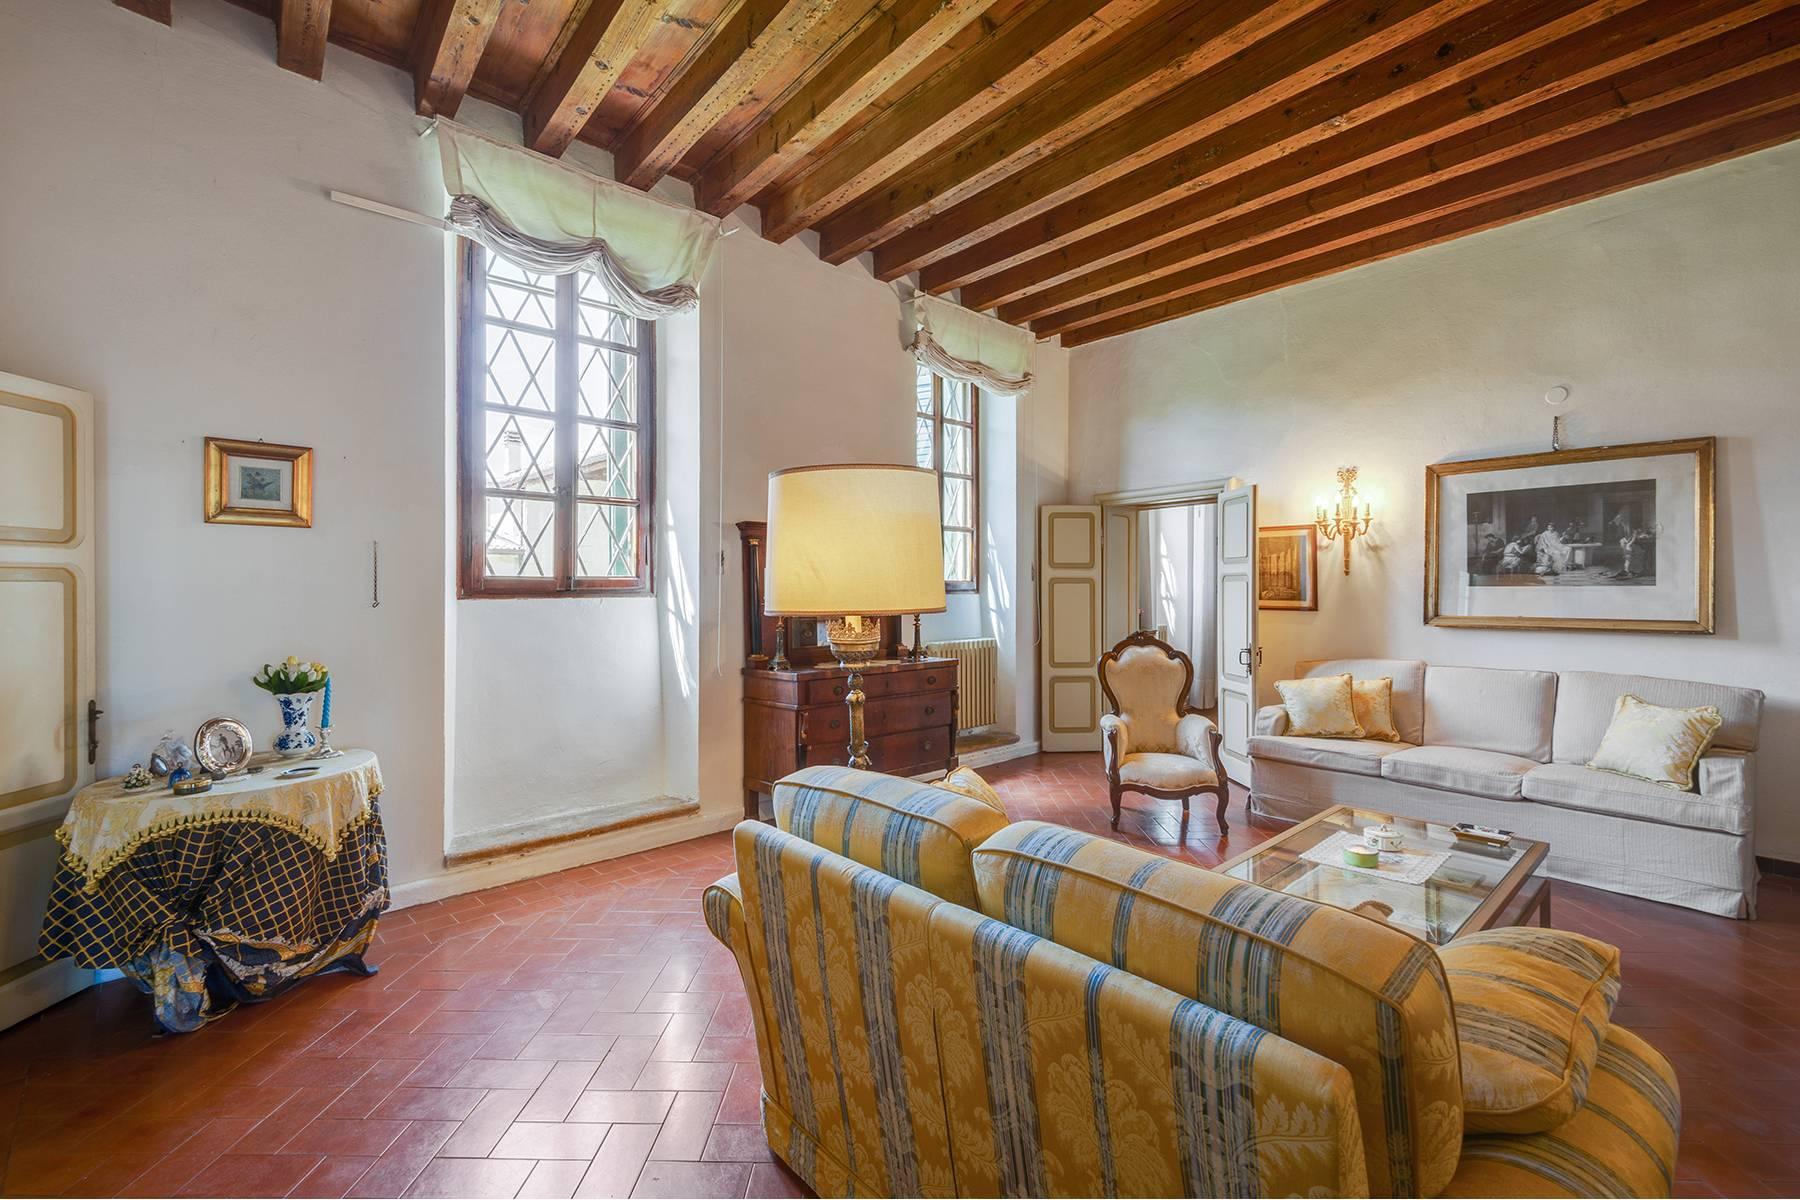 Historische Villa mit Park und prächtigem alten Keller, umgeben von Weinbergen - 15